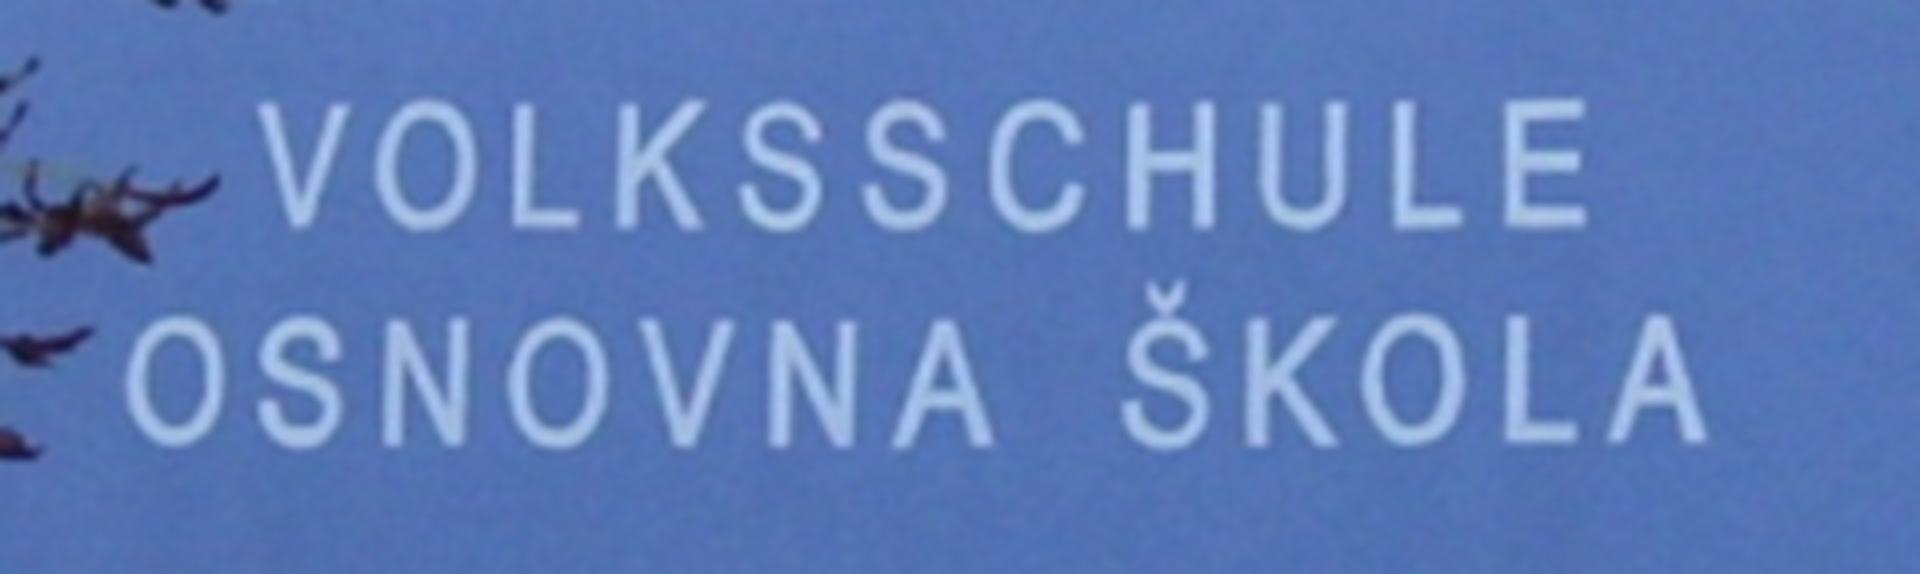 Photo étiquetage bilingue des installations scolaires